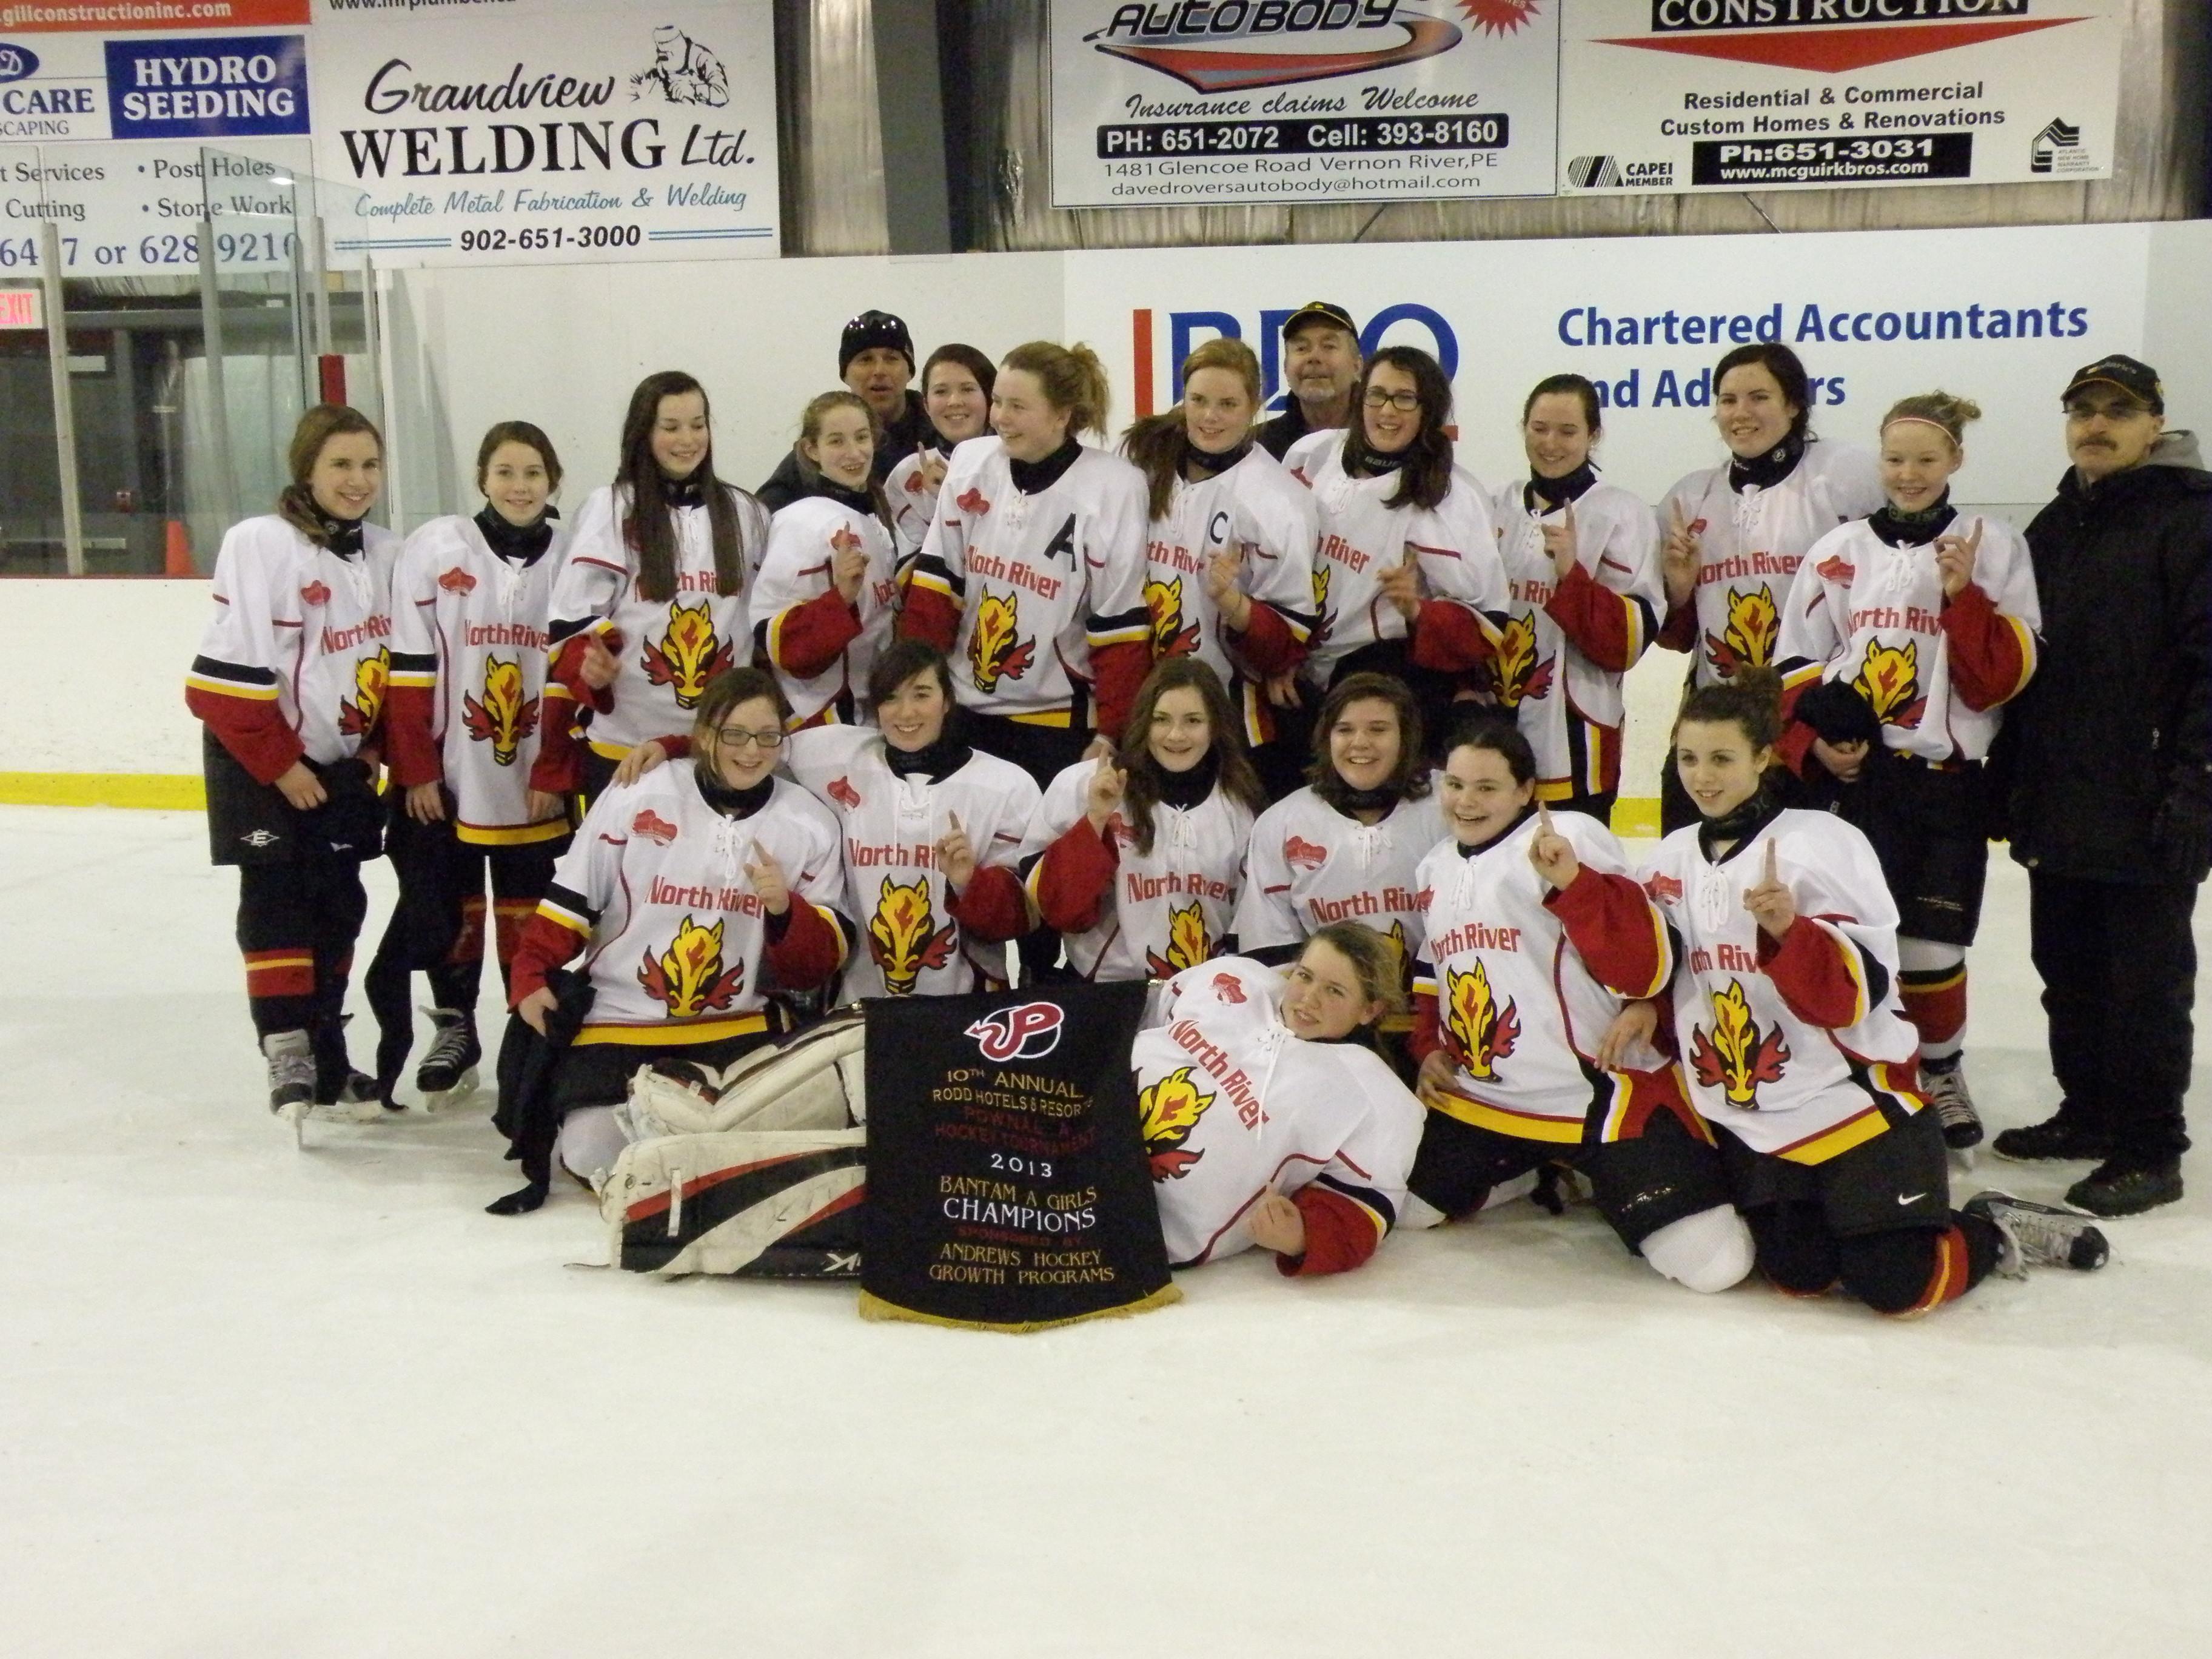 2012-13 Bantam A Flames